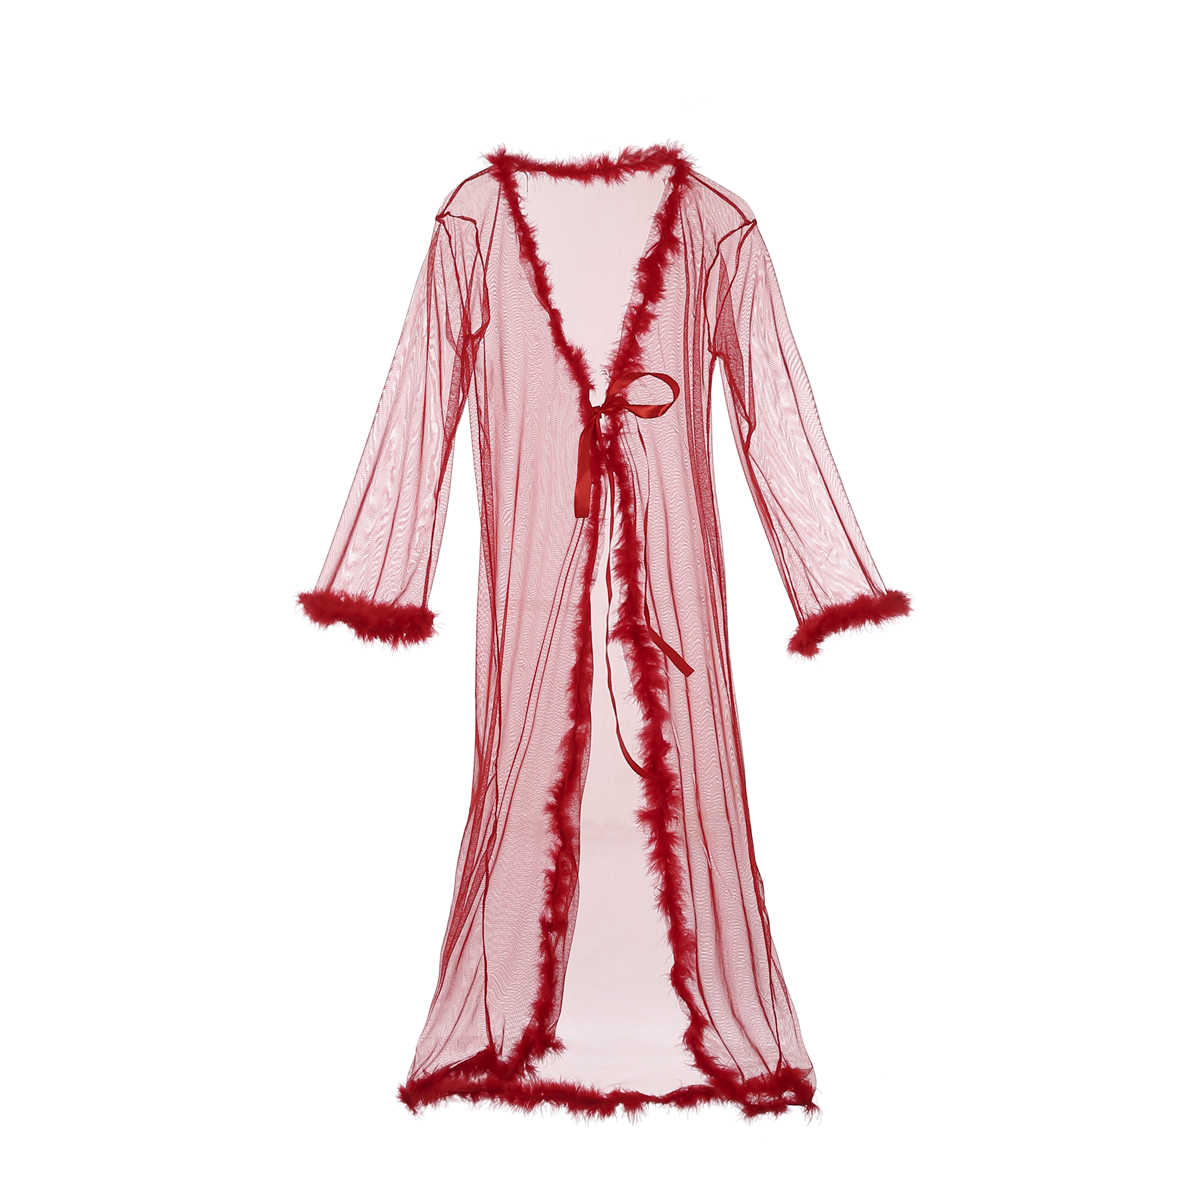 סקסי אדום תחרה ארוך Robe נשים הלבשת פרספקטיבה הלבשה תחתונה חלוק שיפון Nightwear Babydoll פרווה חלוק שמלה